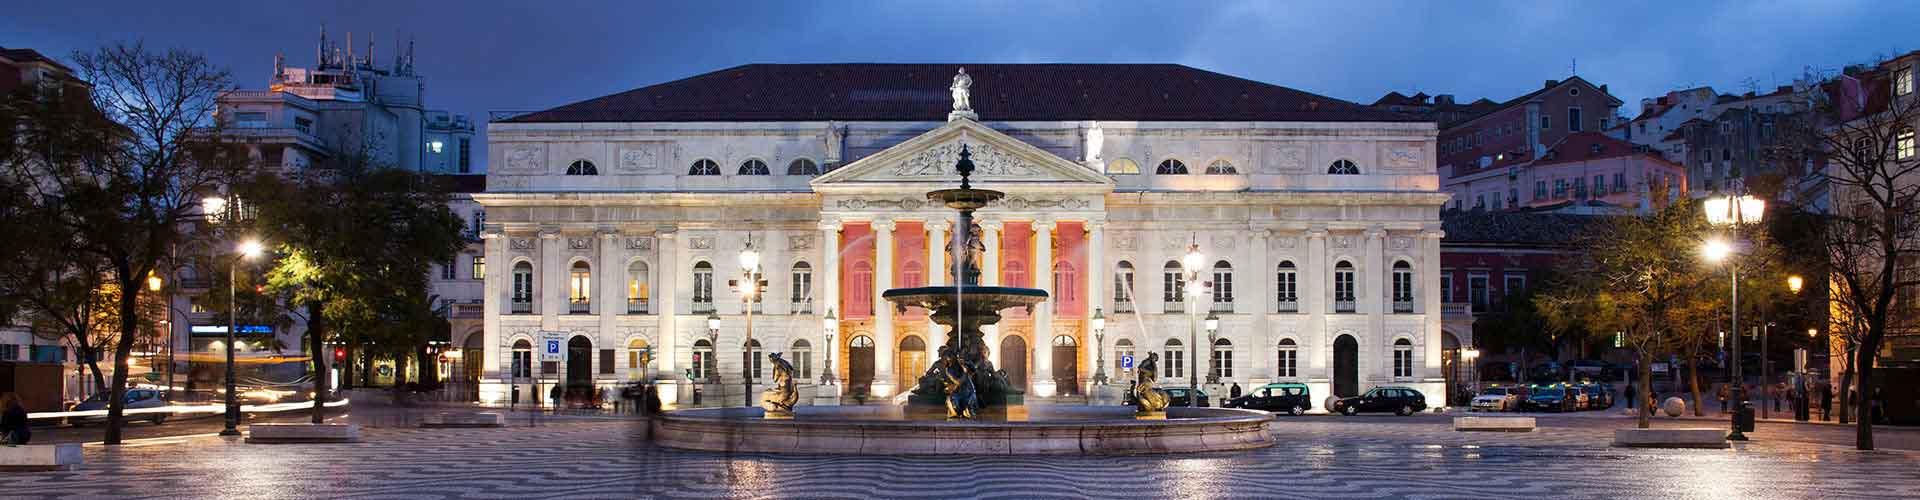 리스본 - 로시오 광장과 Teatro Nacional D. Maria II에 가까운 캠핑장. 리스본의 지도, 리스본에 위치한 캠핑장에 대한 사진 및 리뷰.